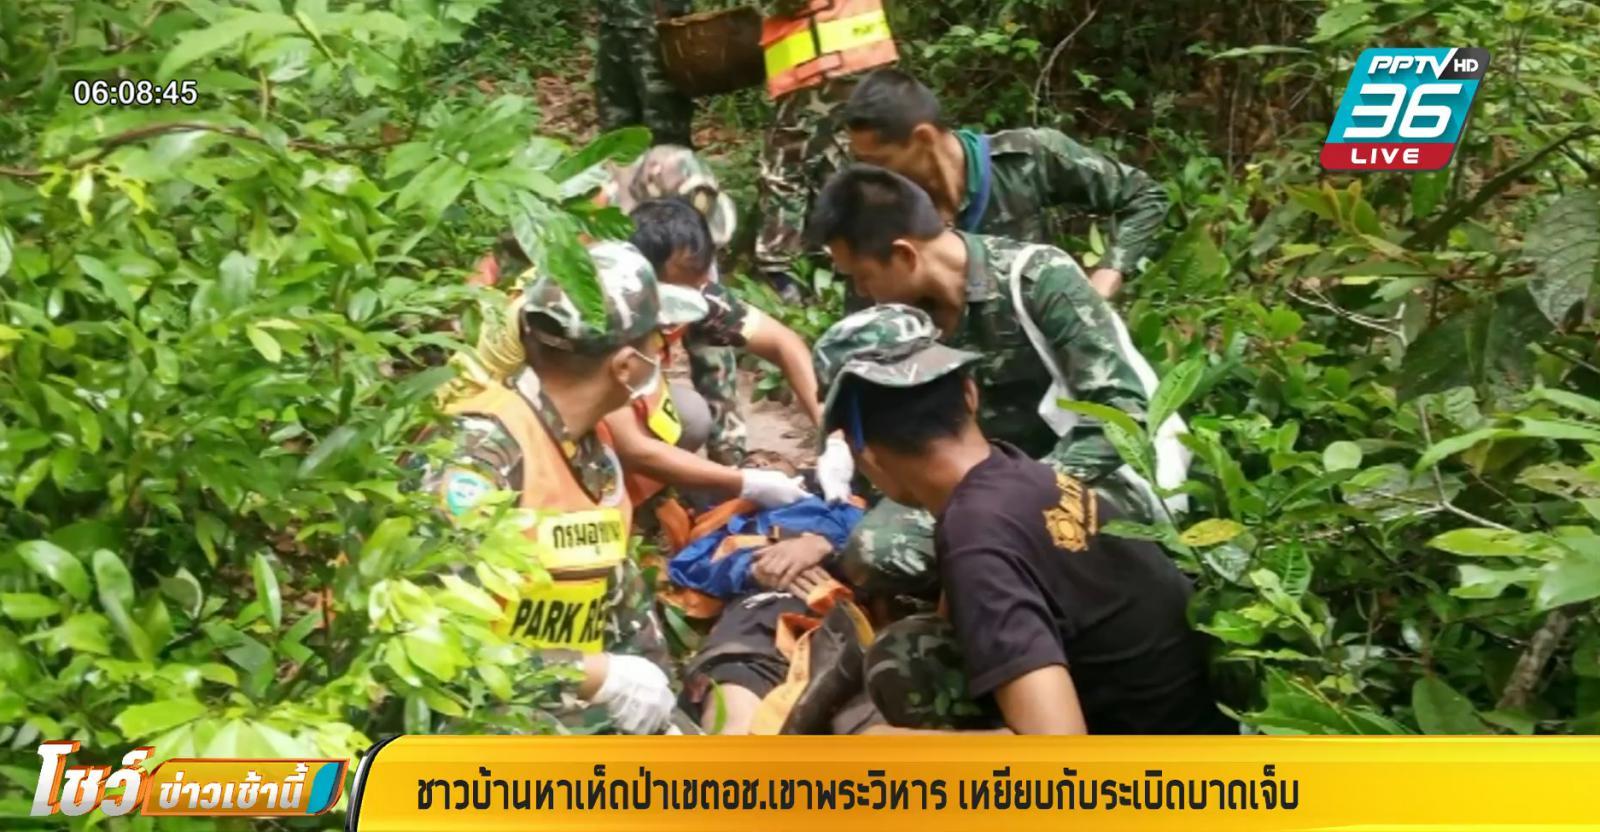 ชาวบ้านหาเห็ดป่าเขตอช.เขาพระวิหาร เหยียบกับระเบิดบาดเจ็บ